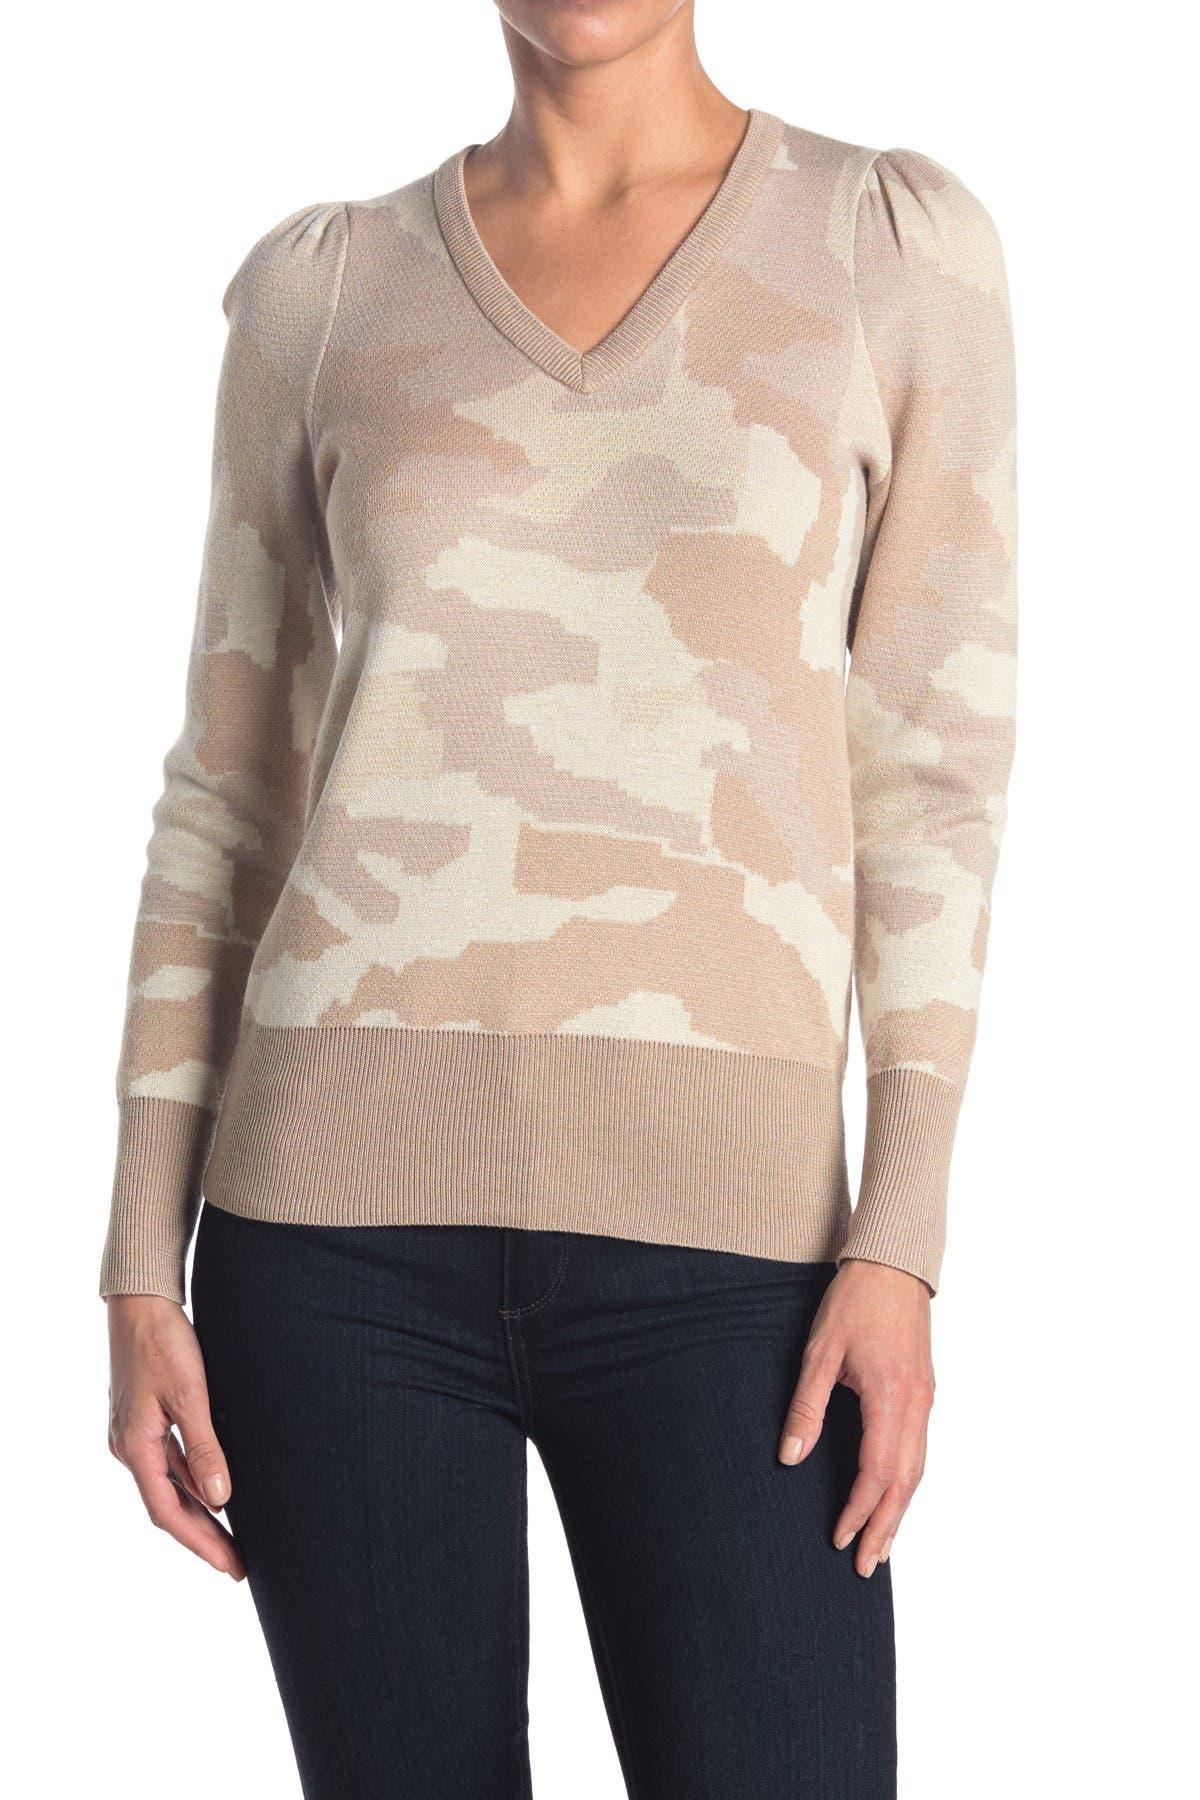 Image of philosophy Camo Puff Sleeve Sweatshirt